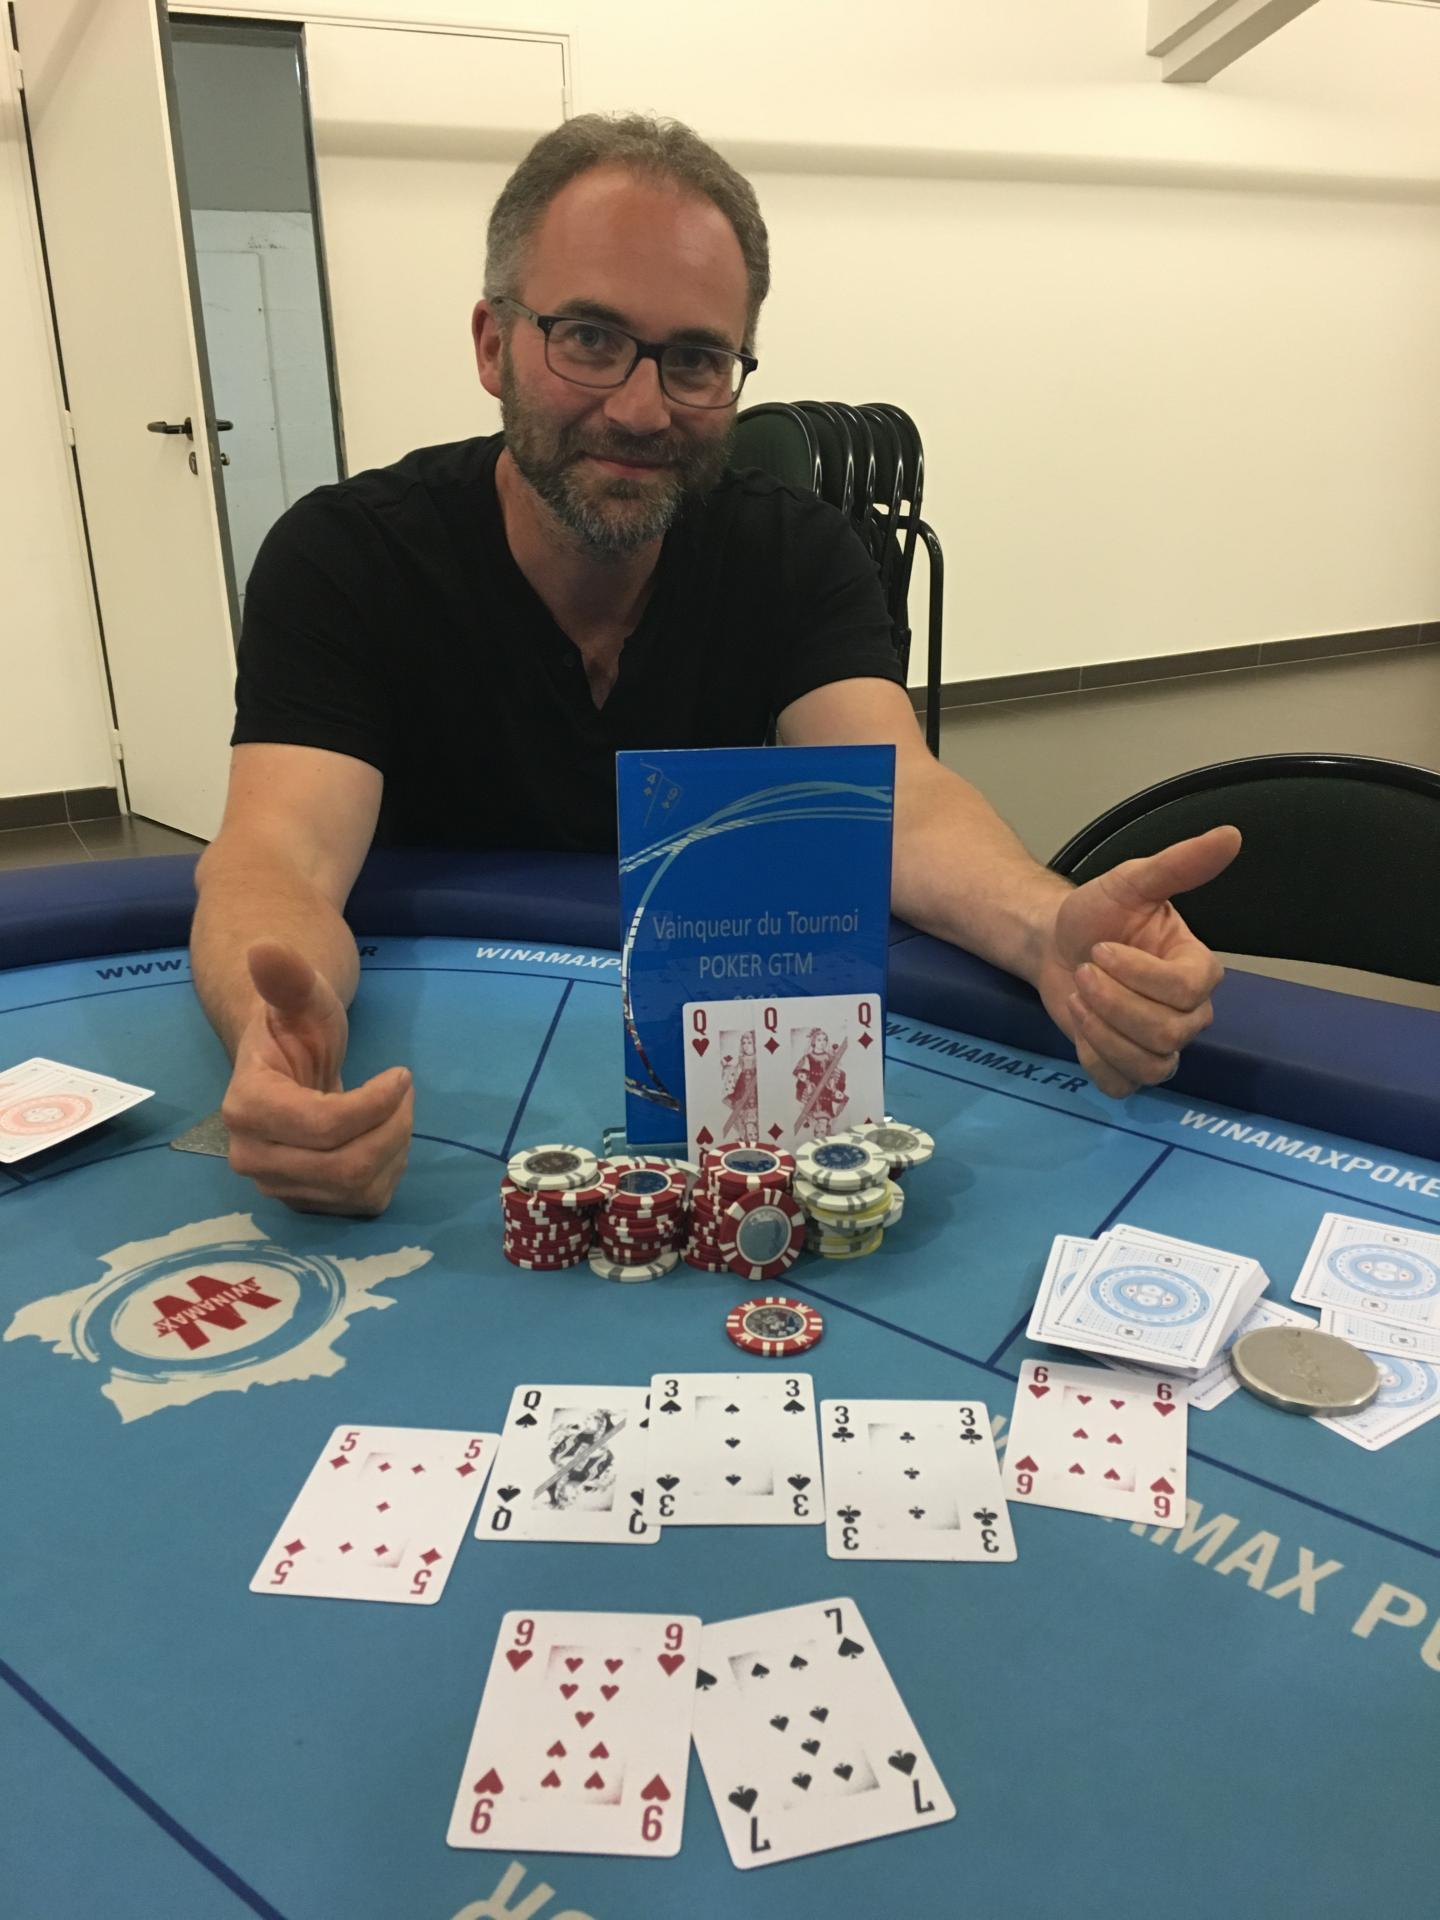 Et Richard a claqué un full pour finir et remporter brillamment ce tournoi !!